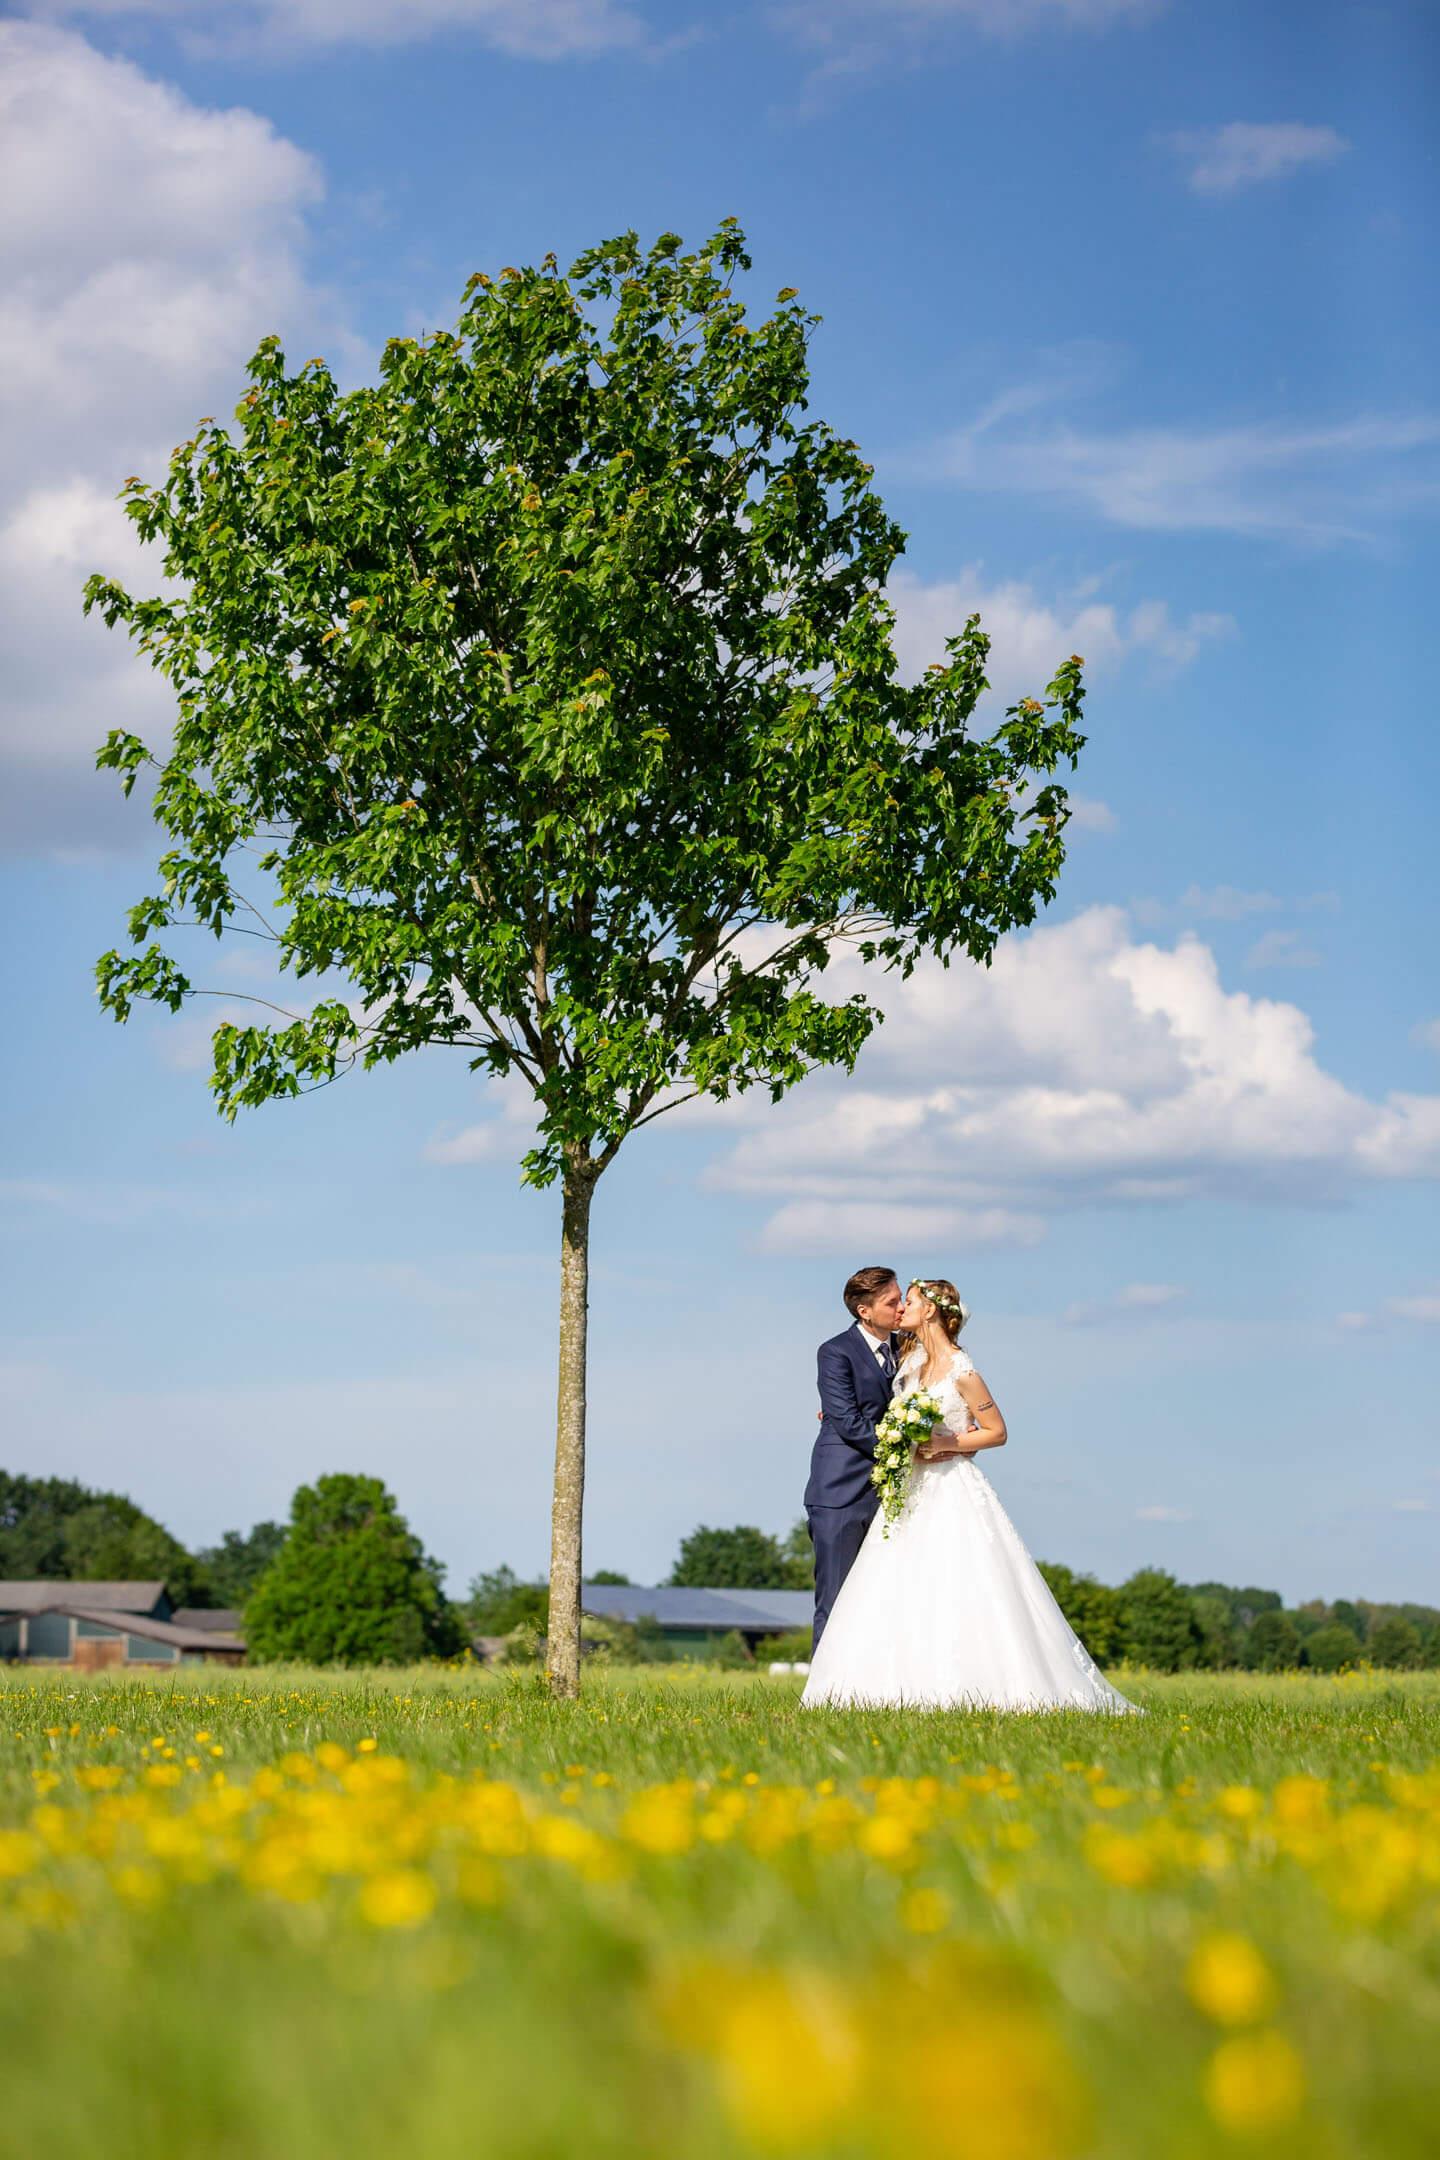 Stimmungsvolles Hochzeitsfoto bei blauem Himmel und Sonnenschein